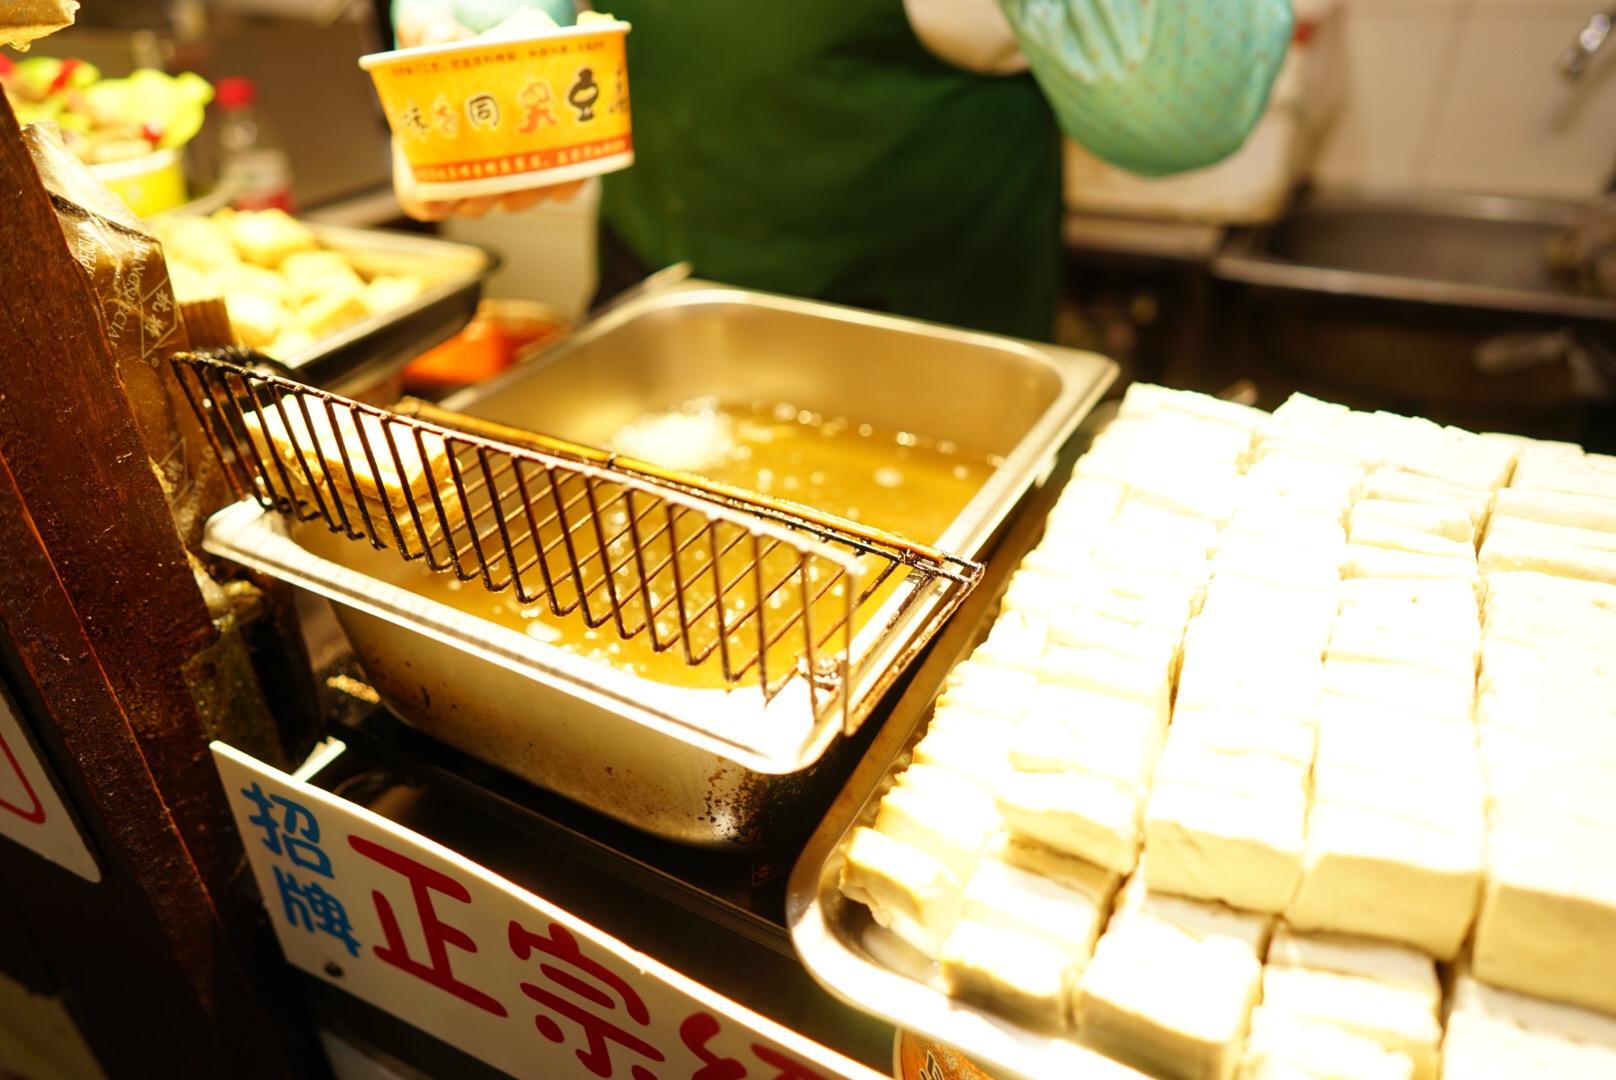 杭州の河坊街屋台ストリートの「臭豆腐」